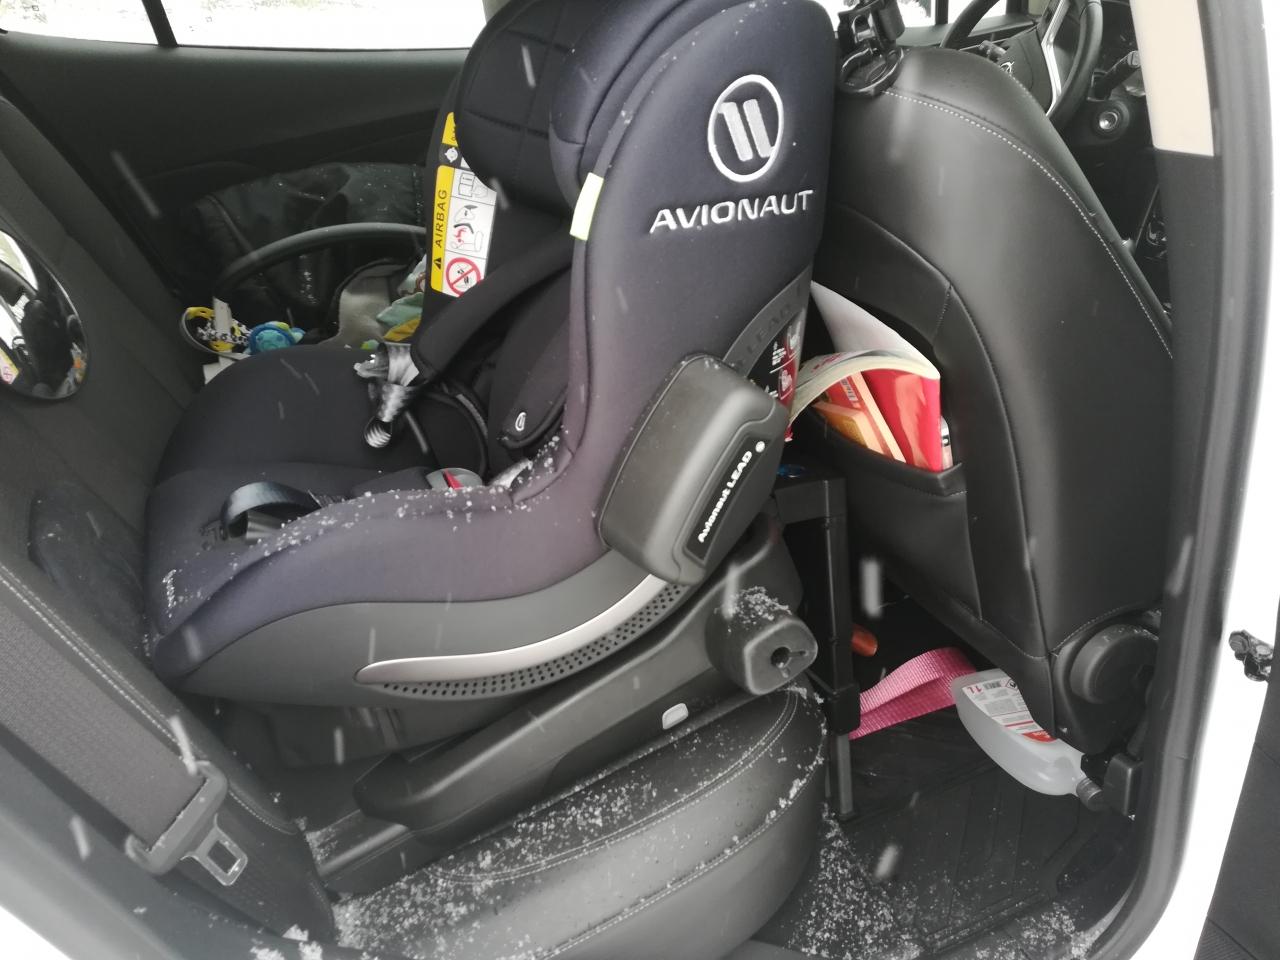 Avionaut Aerofix - to właśnie ten fotelik uratował życie dziecka w strasznym wypadku, do którego doszło w lutym w Krakowie